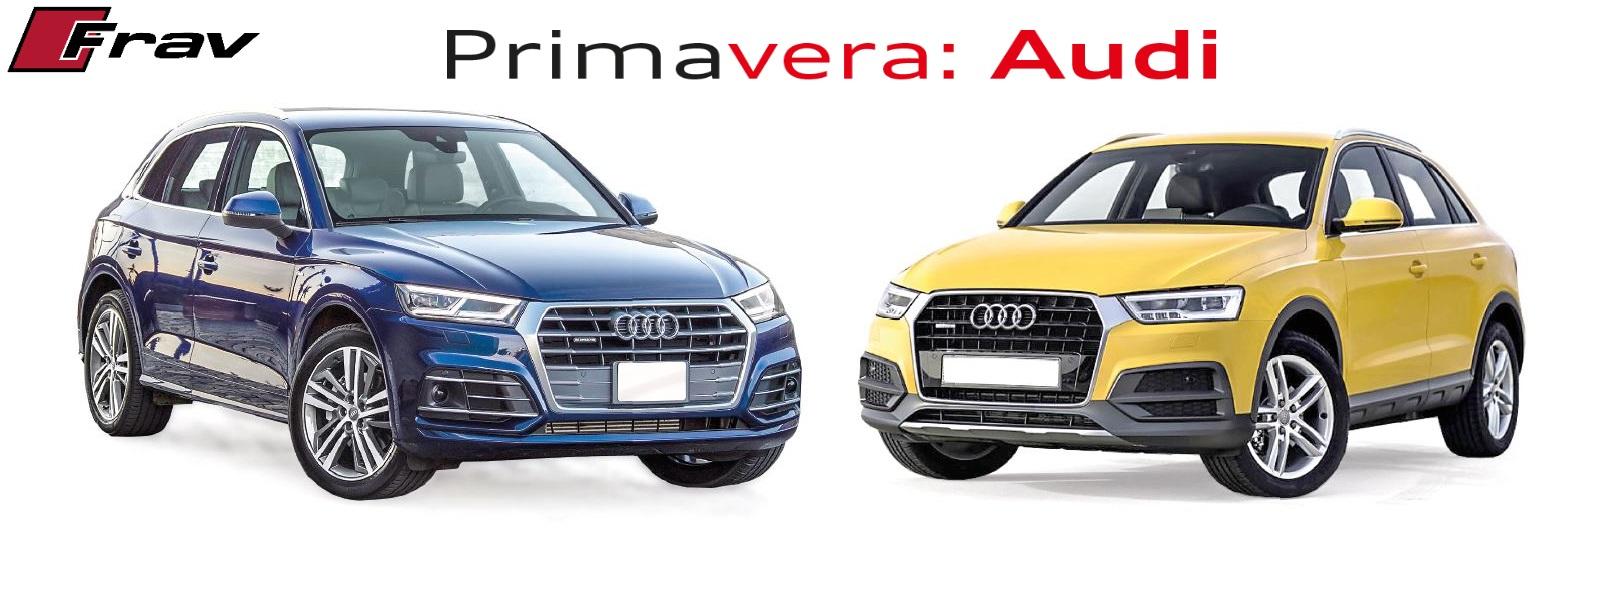 Primavera Audi